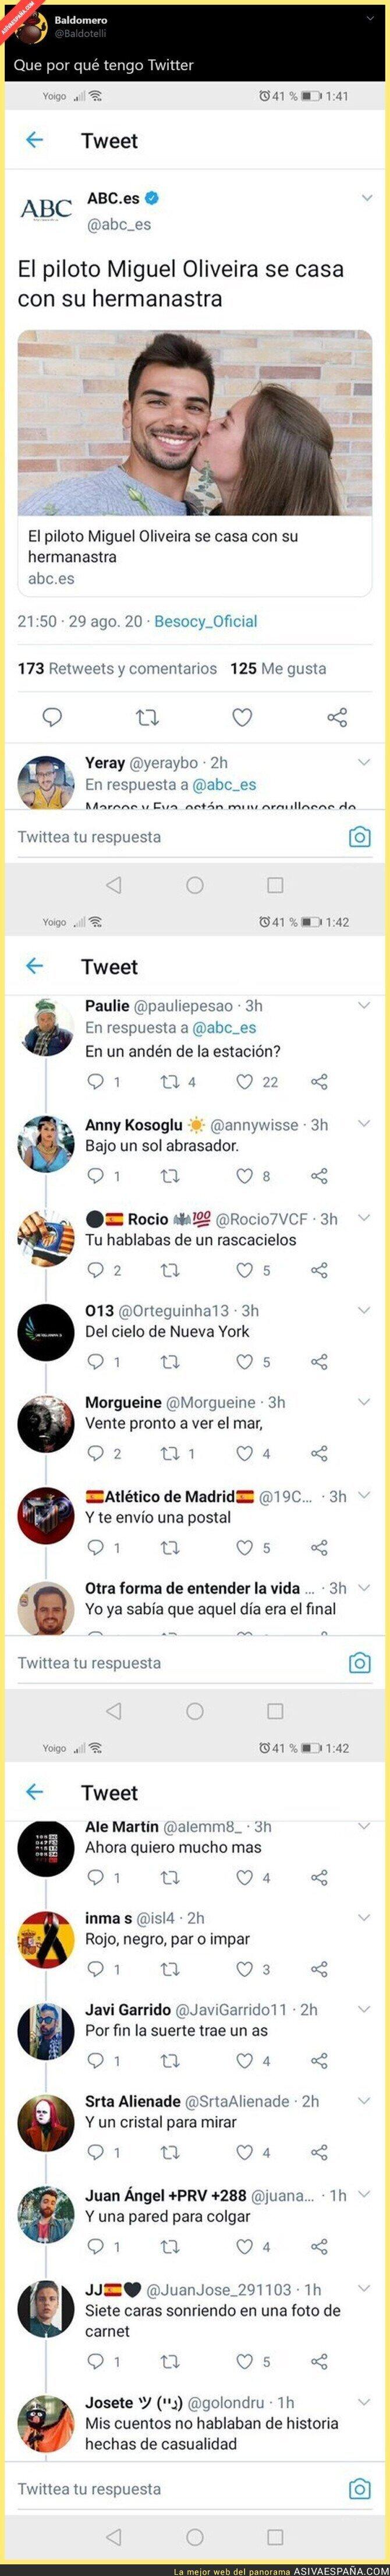 350730 - El piloto Miguel Oliveira anuncia que se casa con su hermanastra y Twitter hace su magia en las respuestas de la noticia